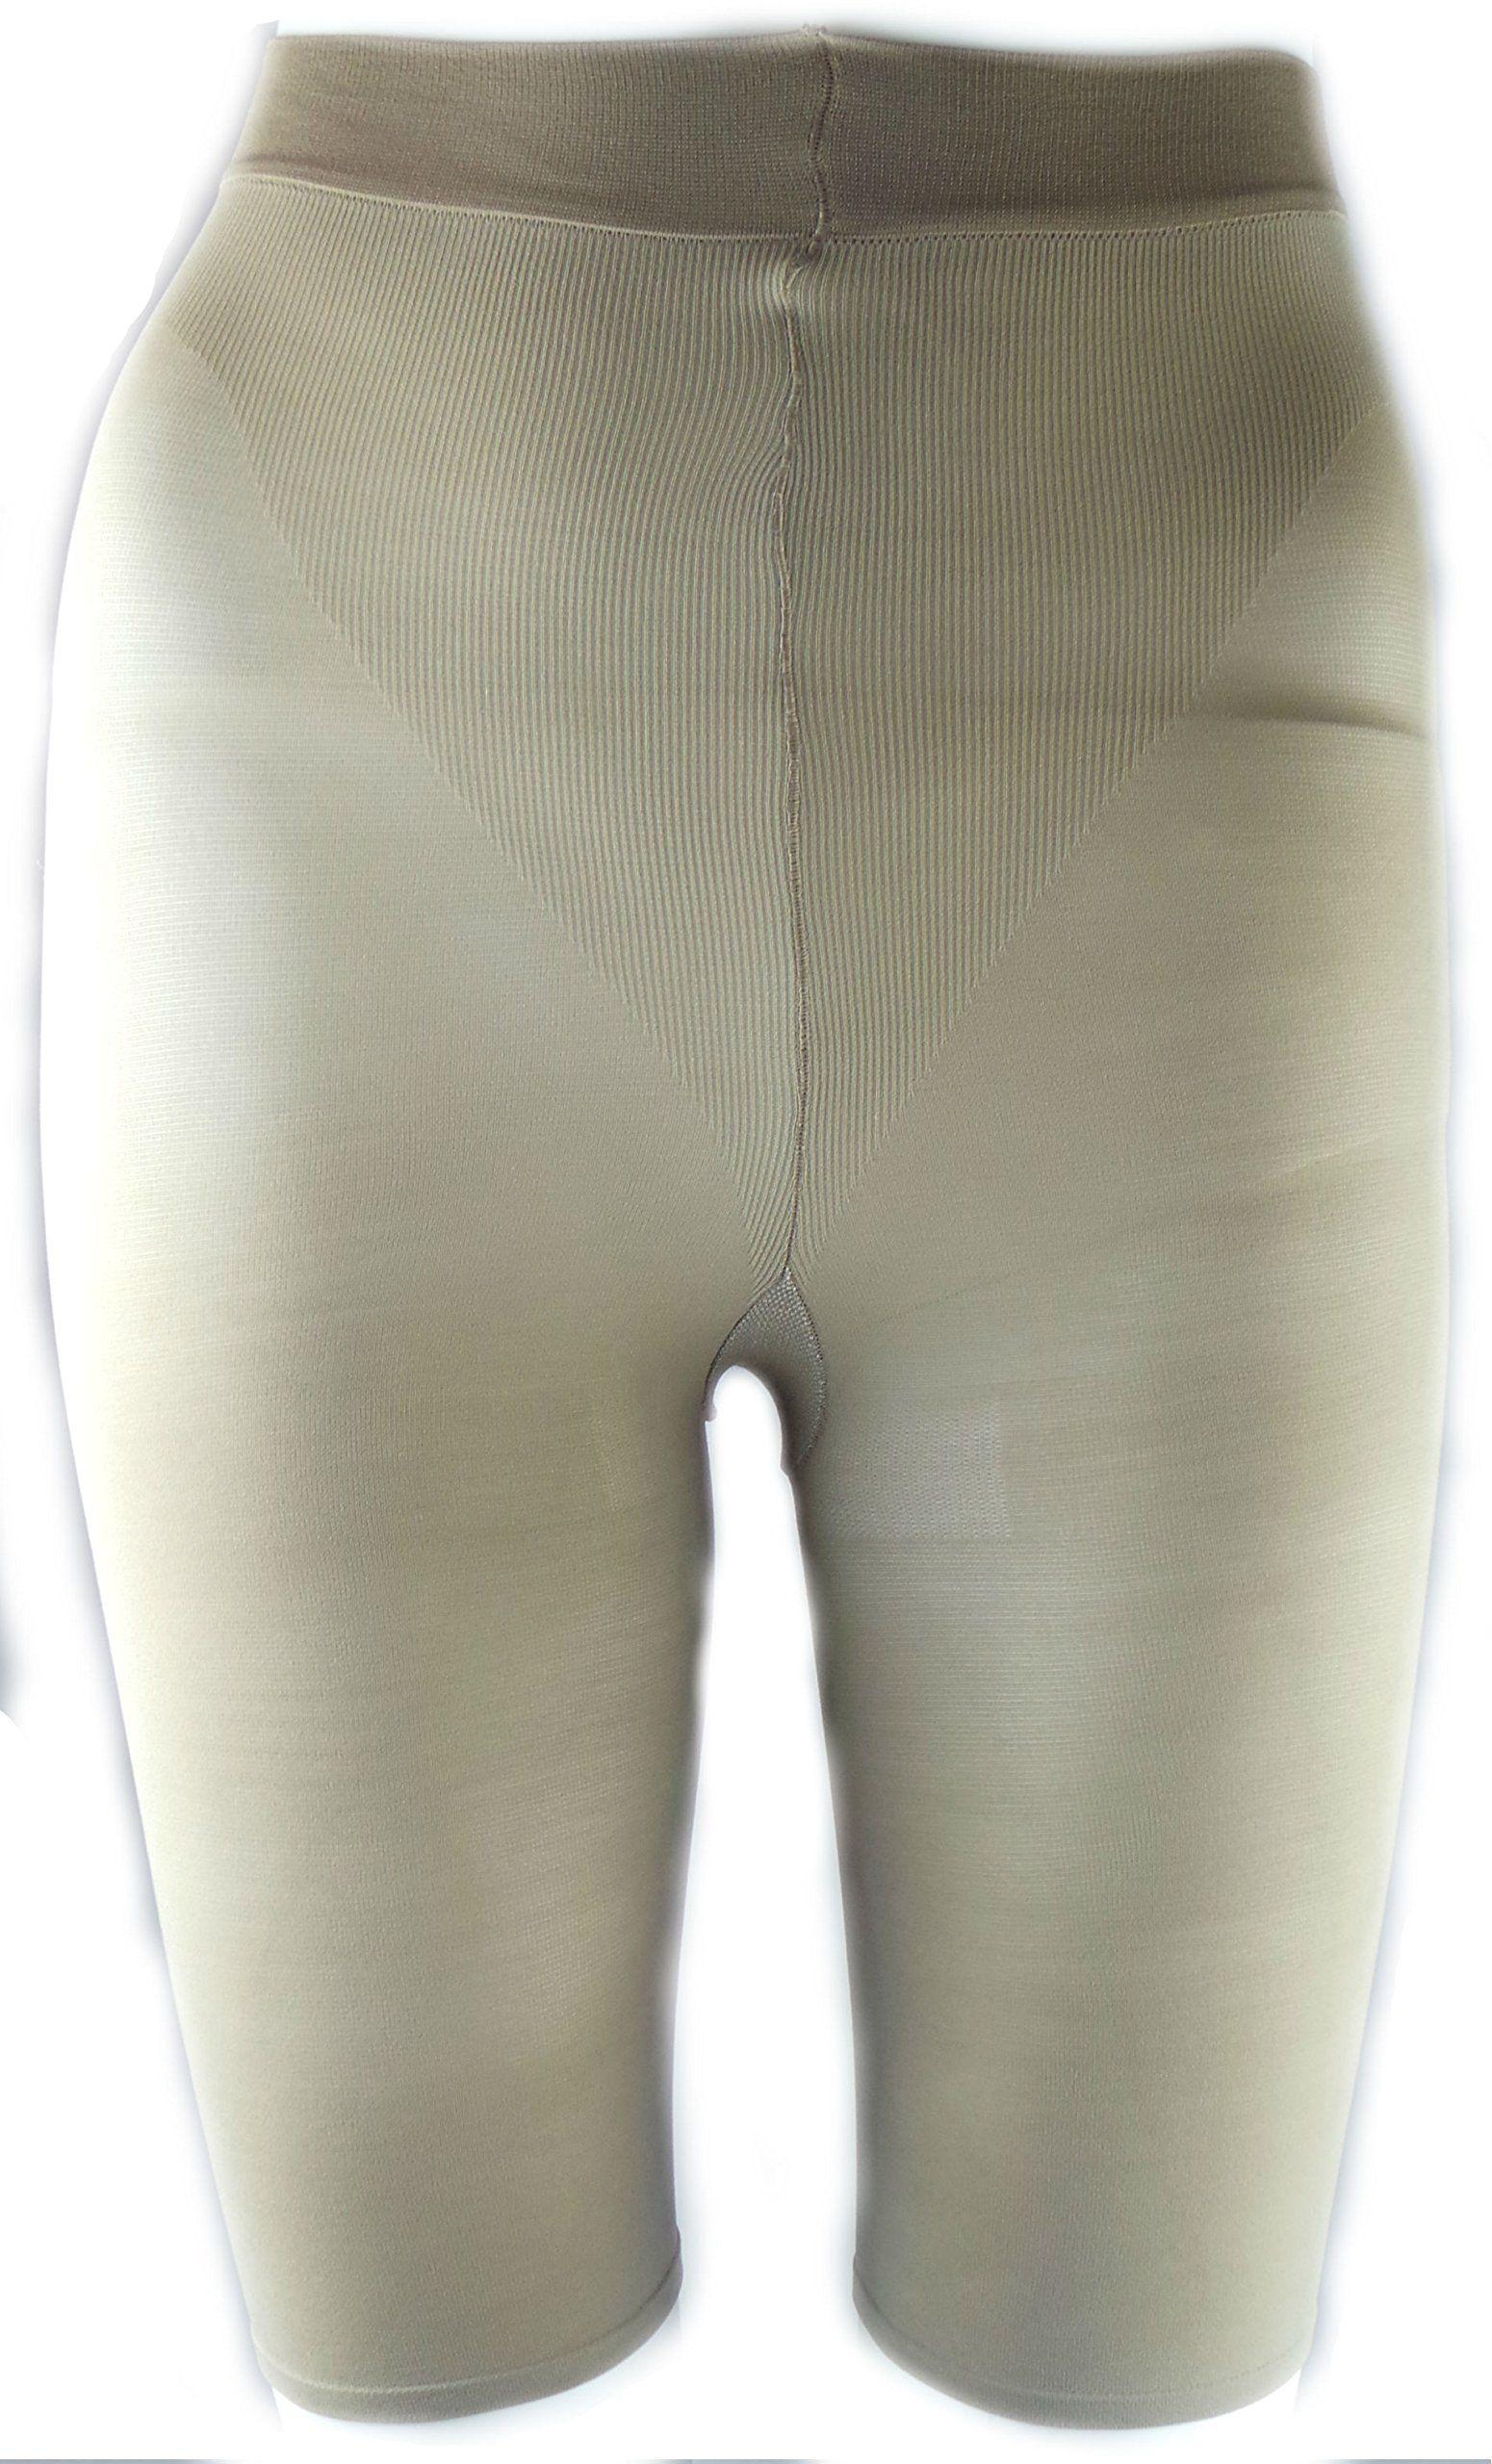 Rust lace bodysuit  Lueggs Above Knee Body Shaper Shapewear Beige Small  Nylon